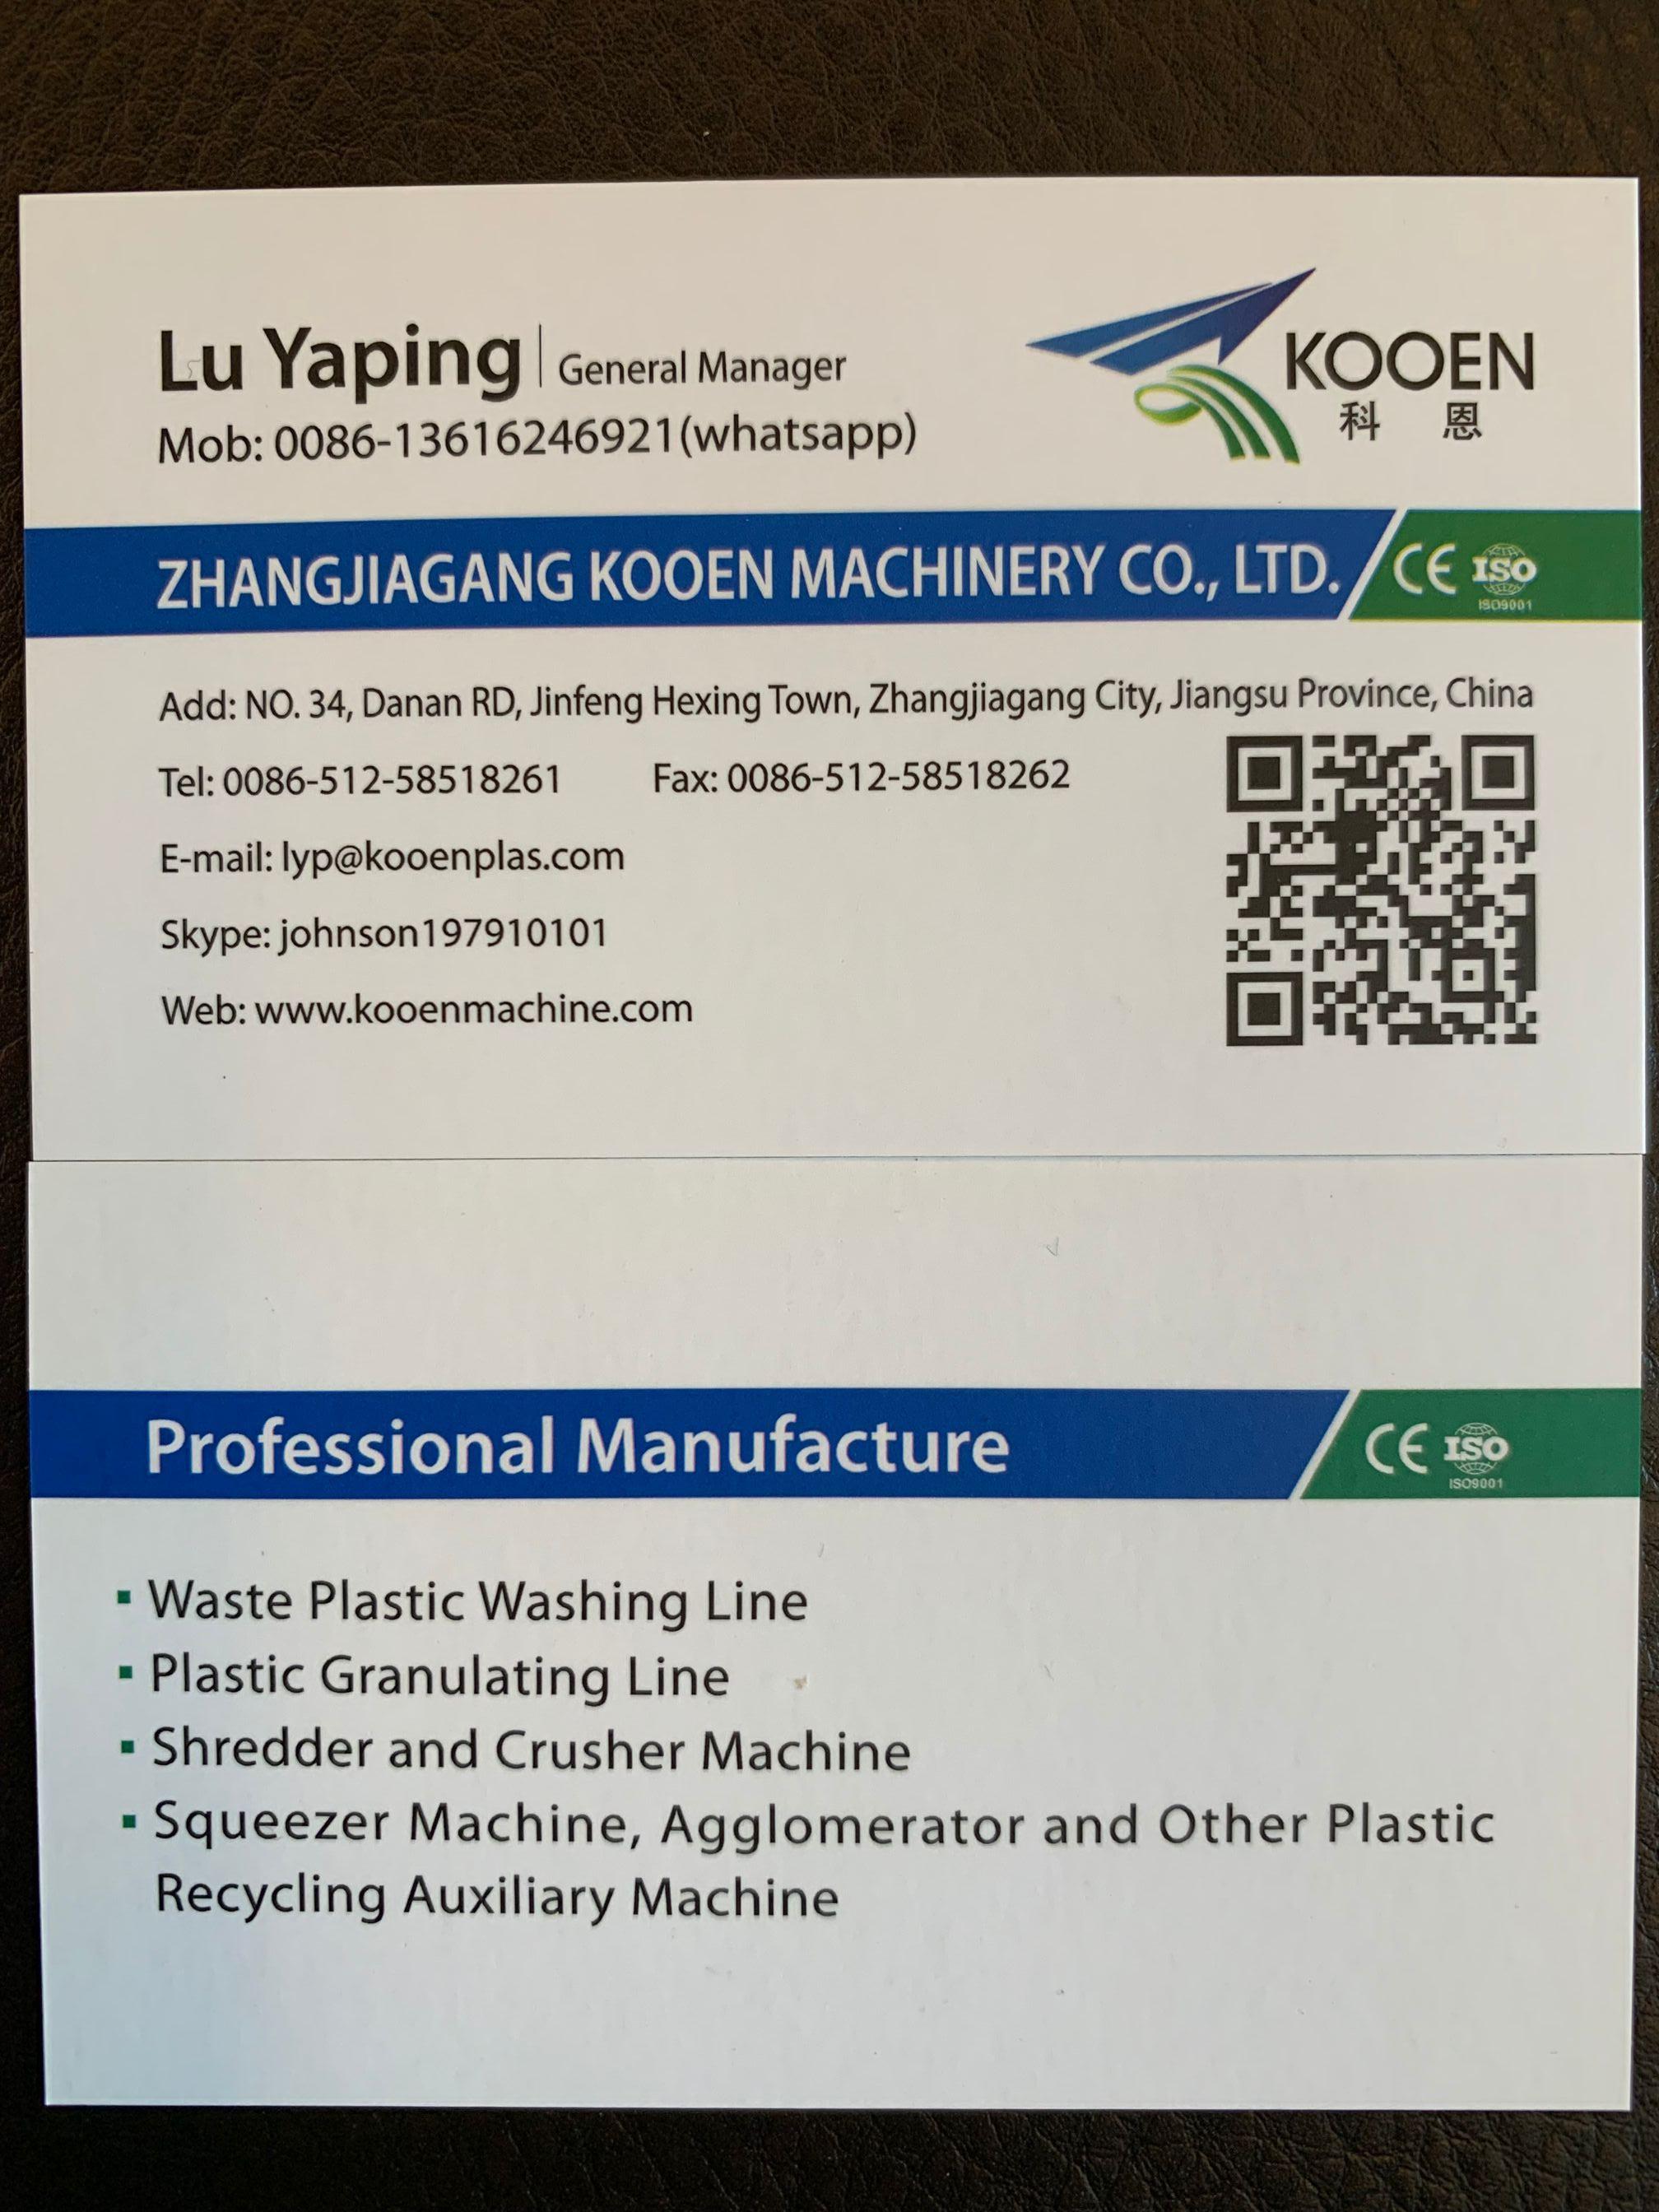 शीर्ष गुणवत्ता वाले प्लास्टिक फिल्म पीईटी एचडीपीई बोतल बैरल टोकरा कंटेनर वाशिंग लाइन रीसाइक्लिंग मशीन